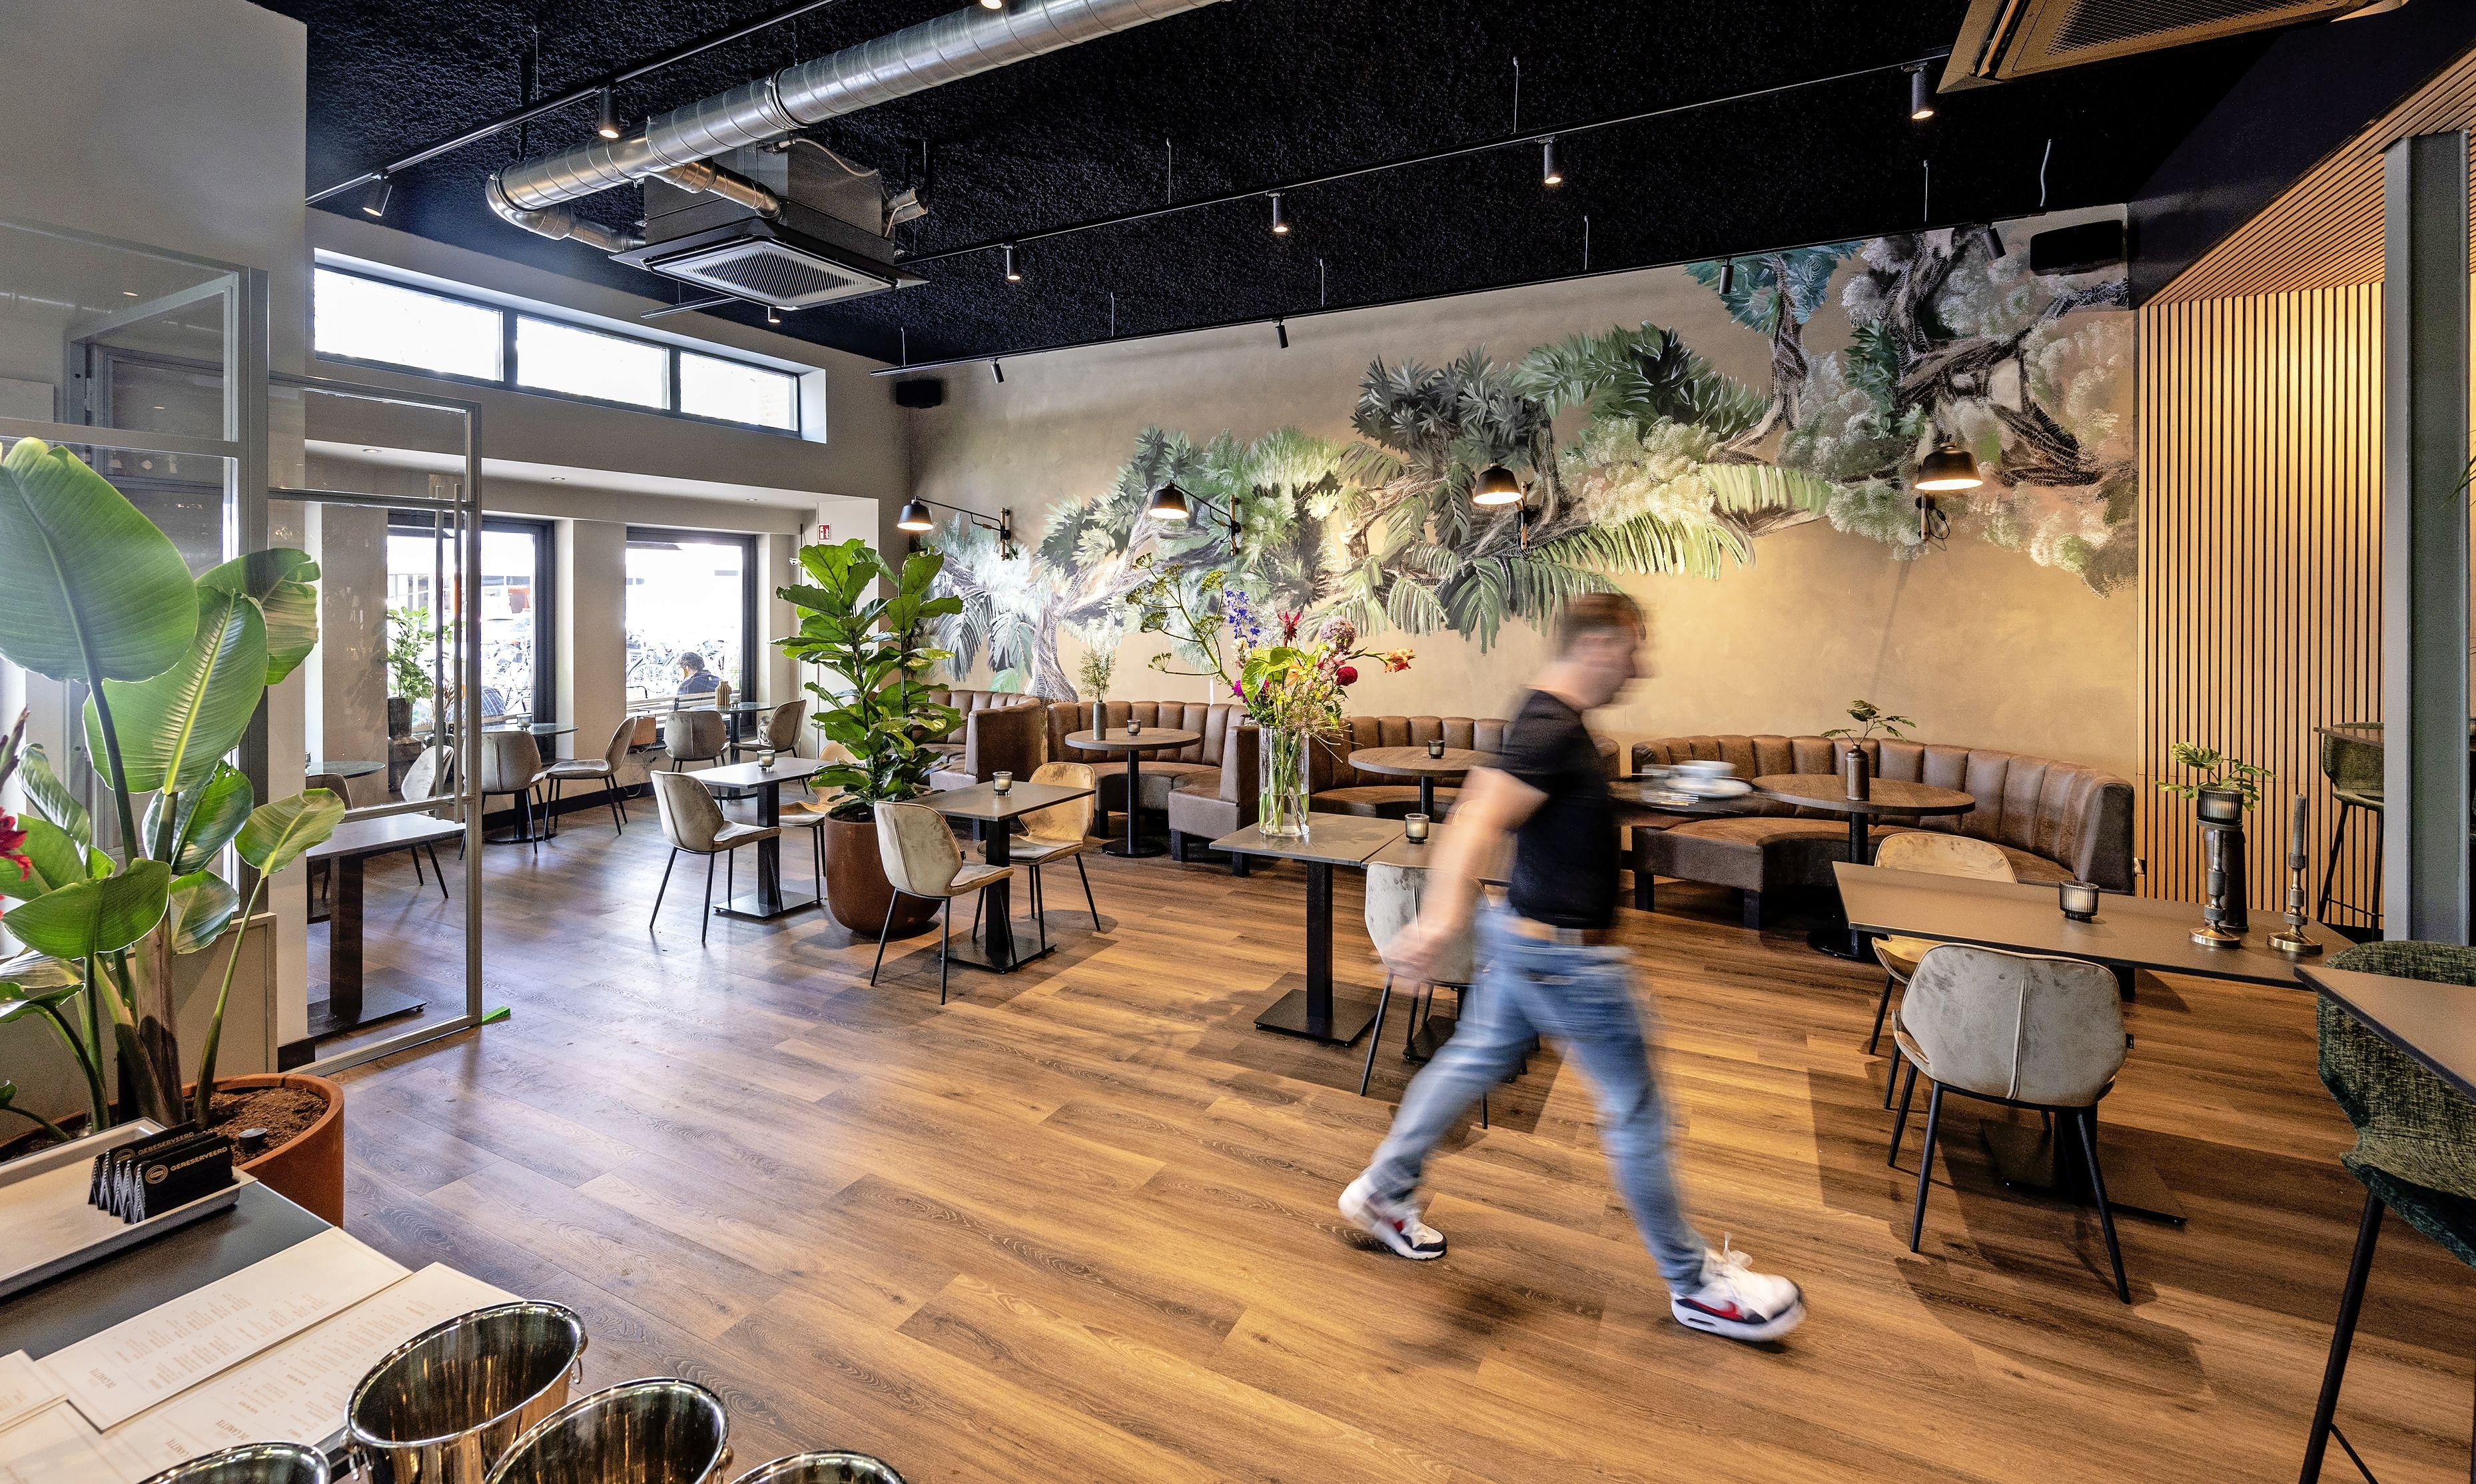 Schot in De Roos, Brasserie De Canette nieuwkomer in Heemstede